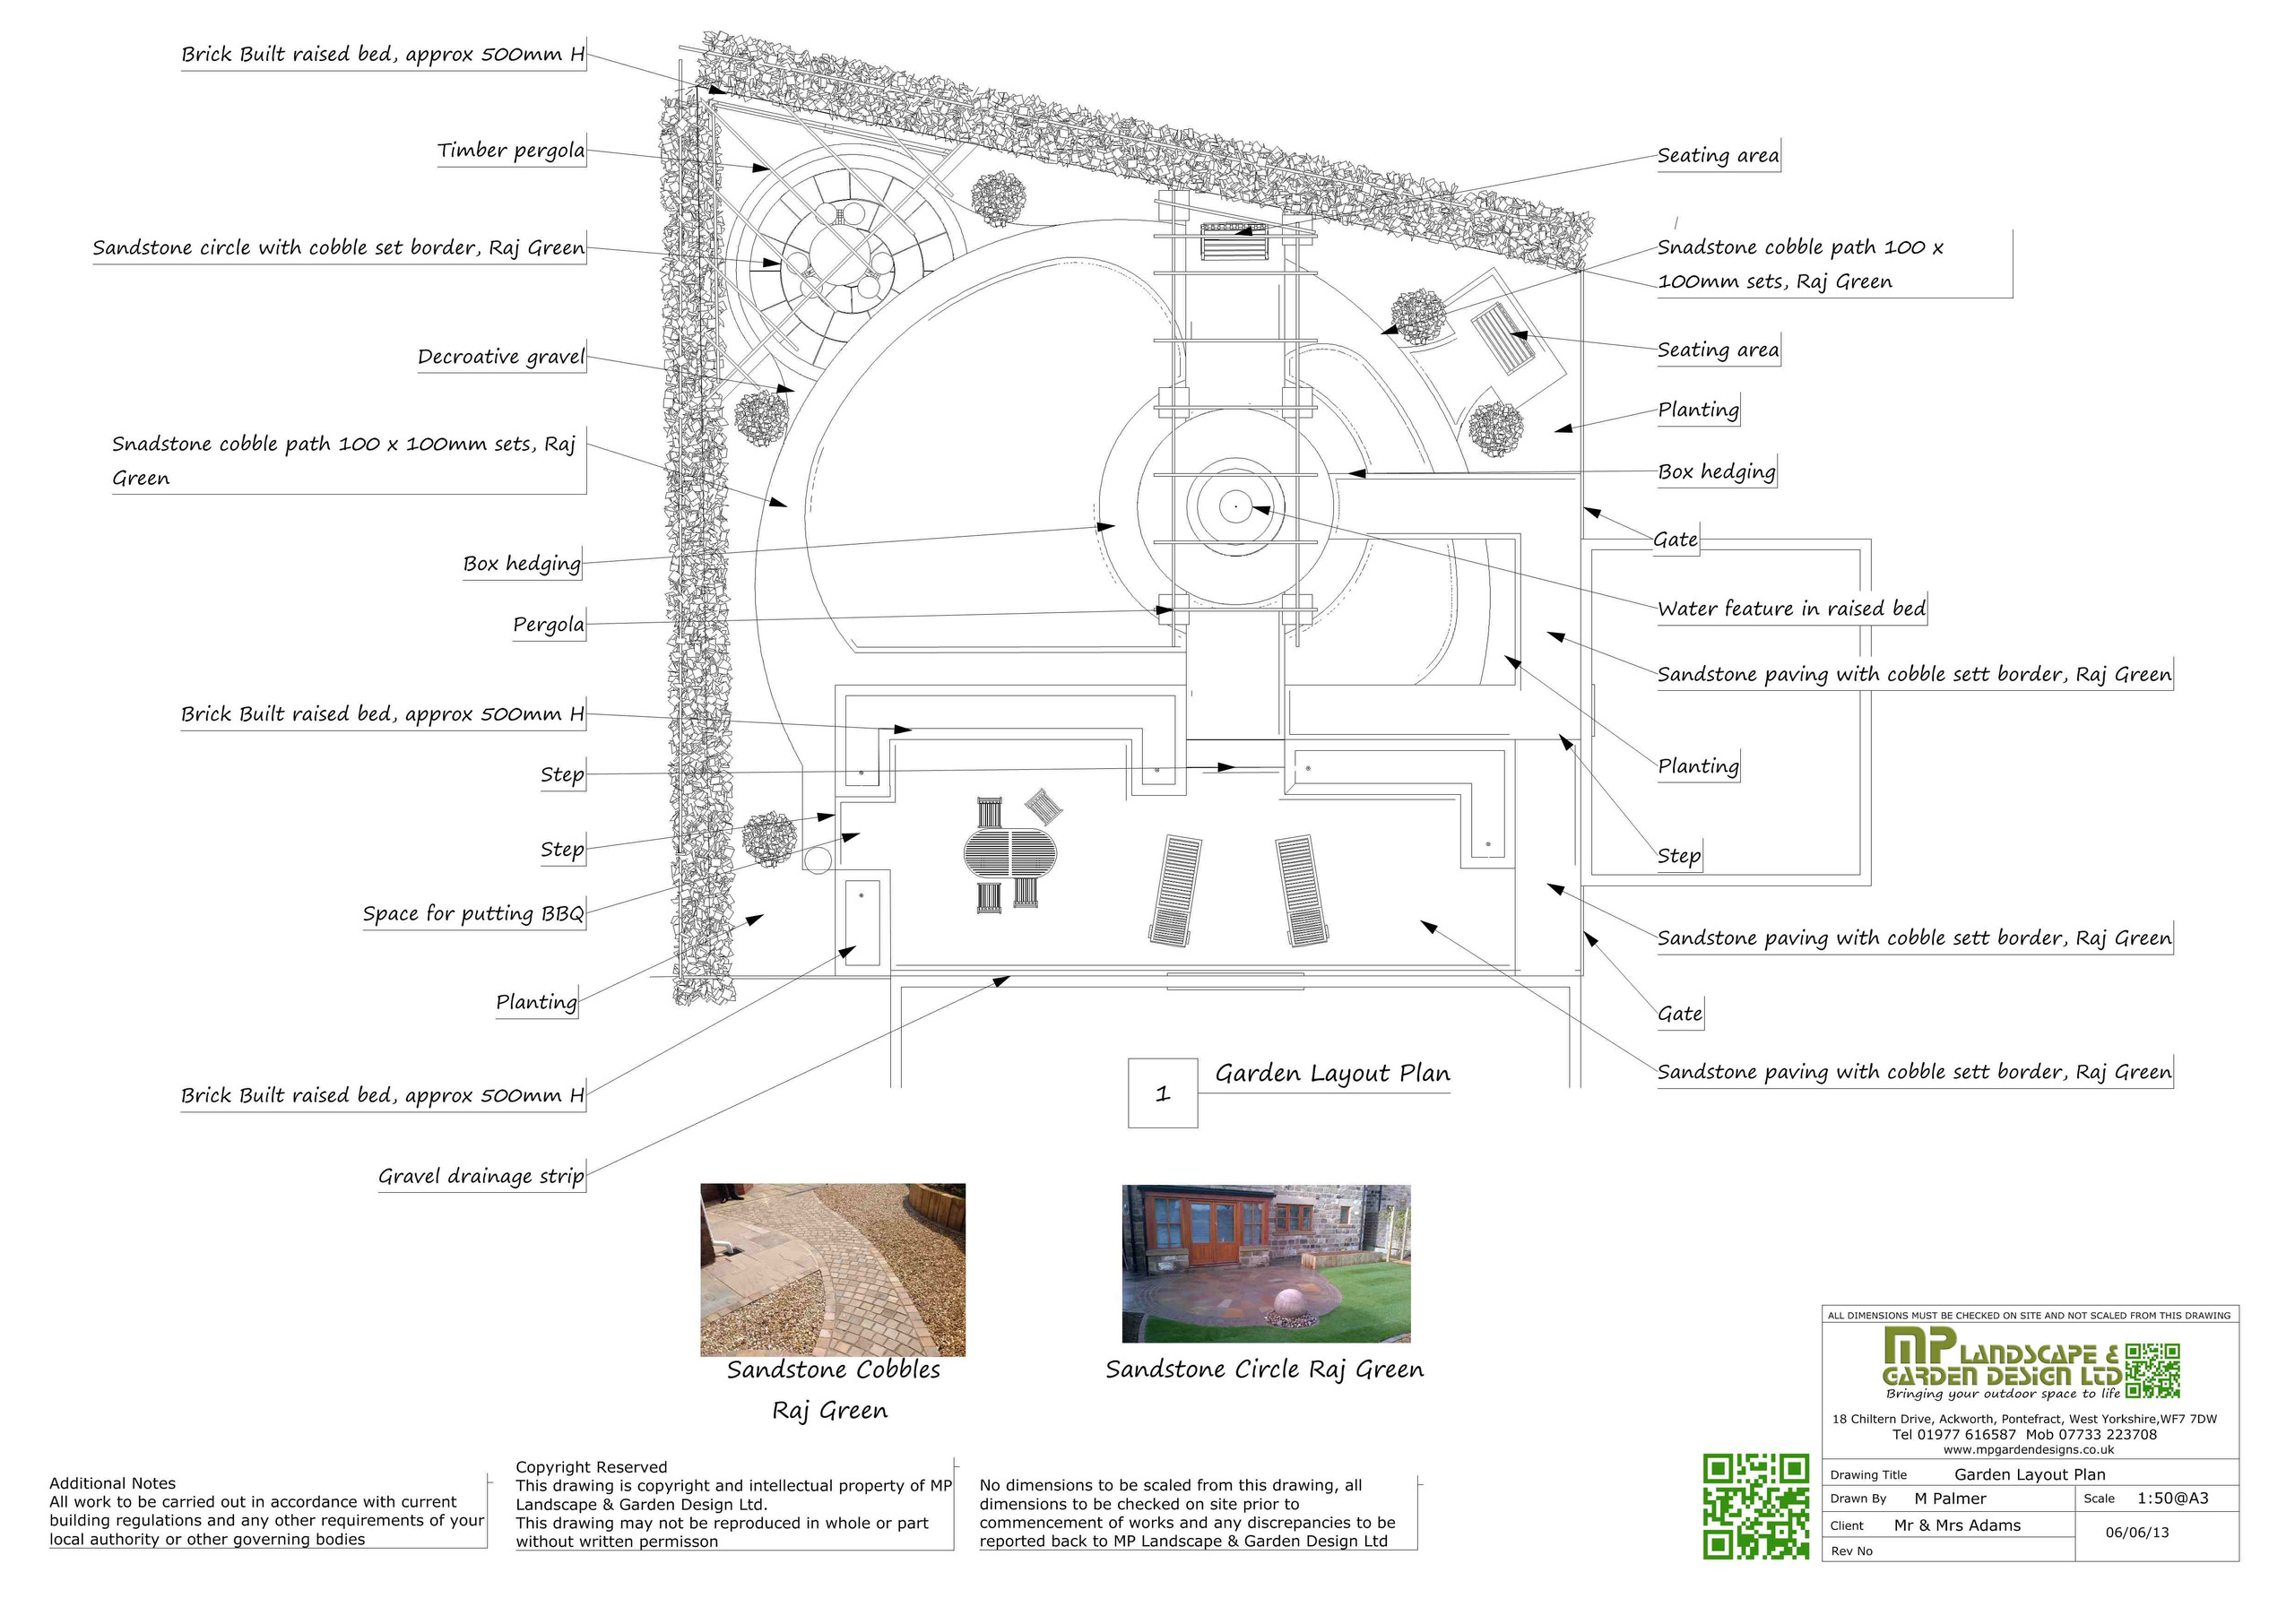 Garden Design layout black on white plans for a garden in Wakefield